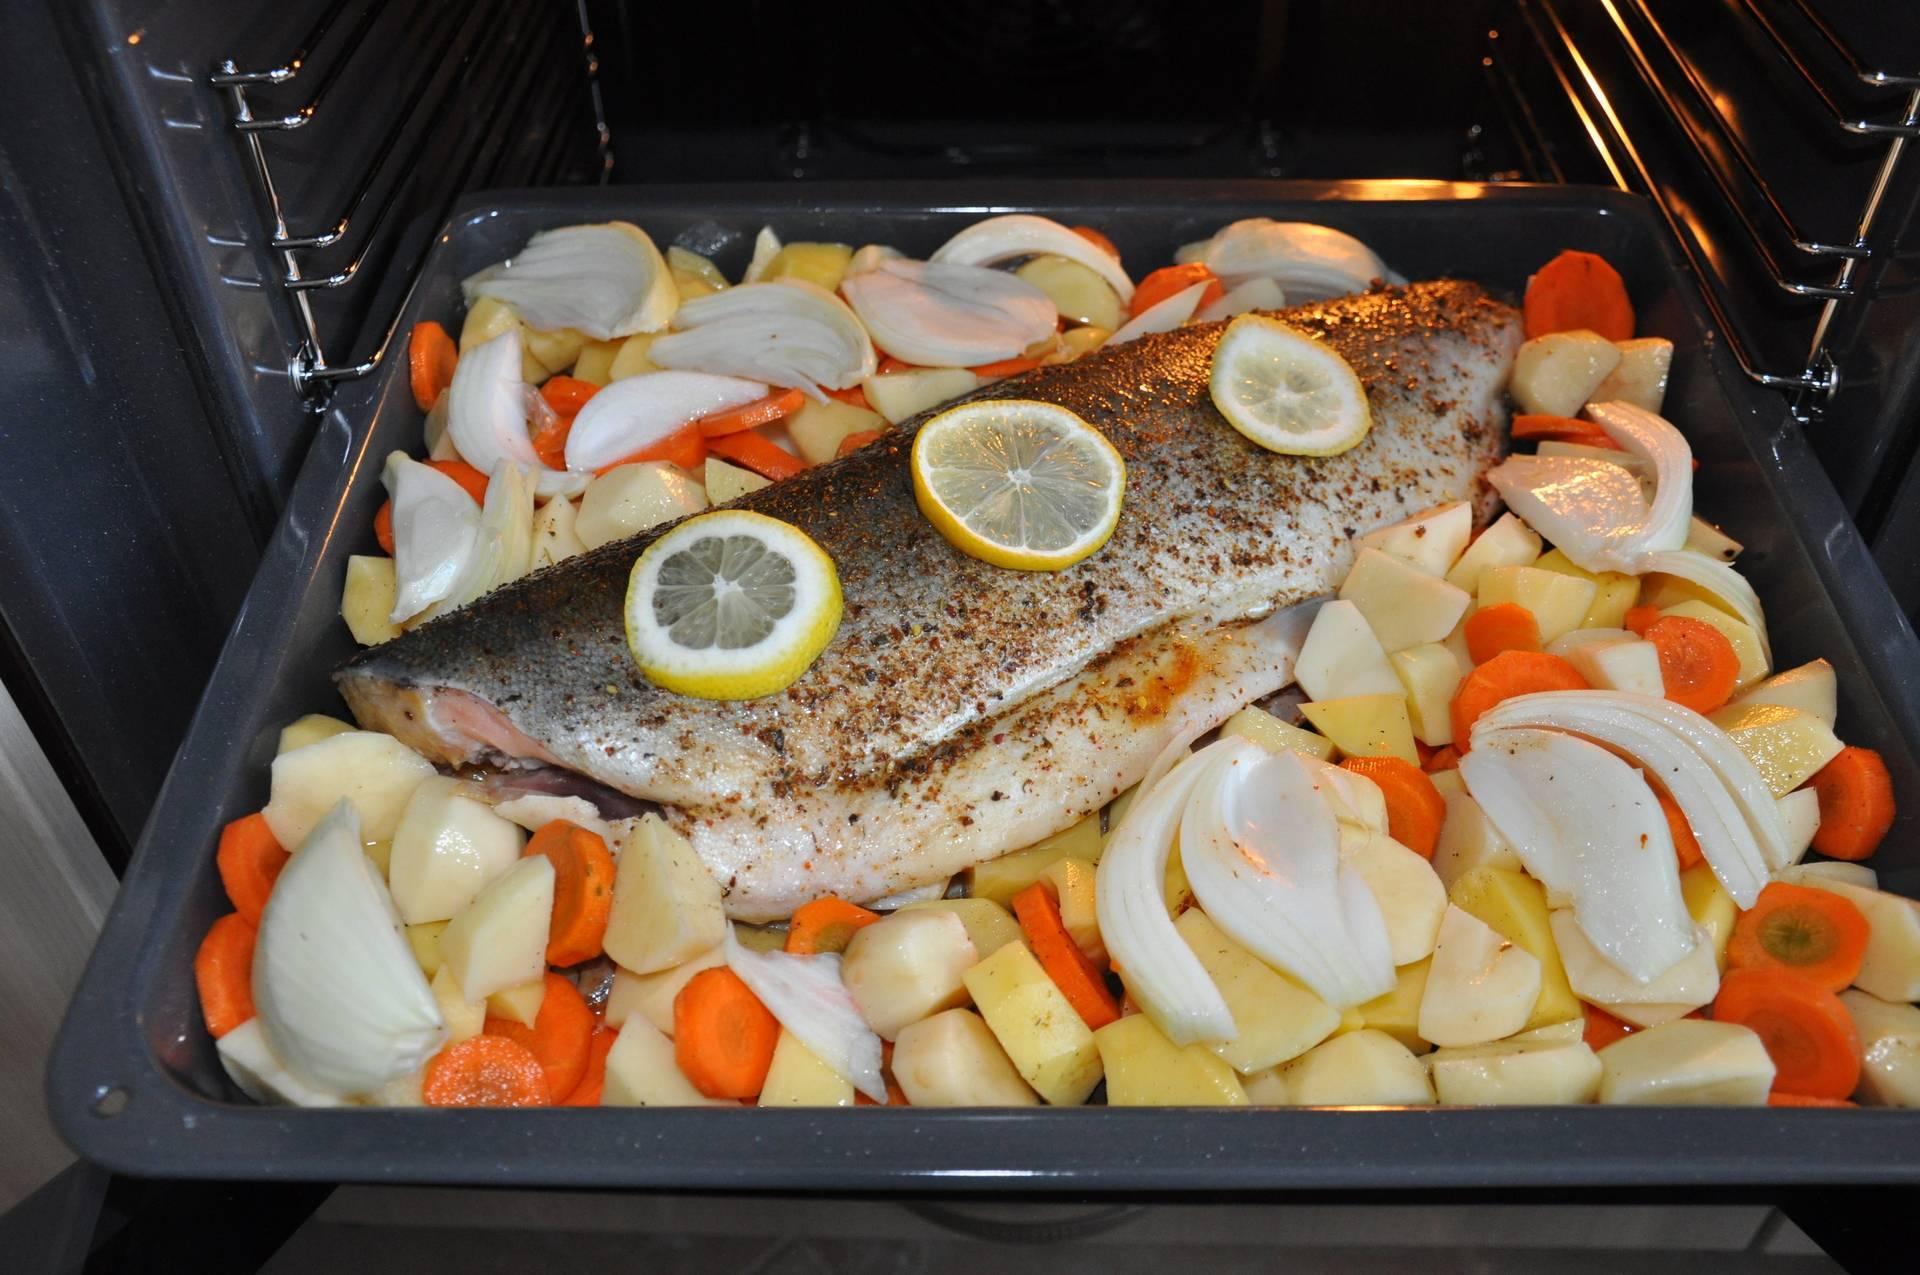 Рыба, запеченная в духовке: 10 вкусных рецептов - будет вкусно! - медиаплатформа миртесен